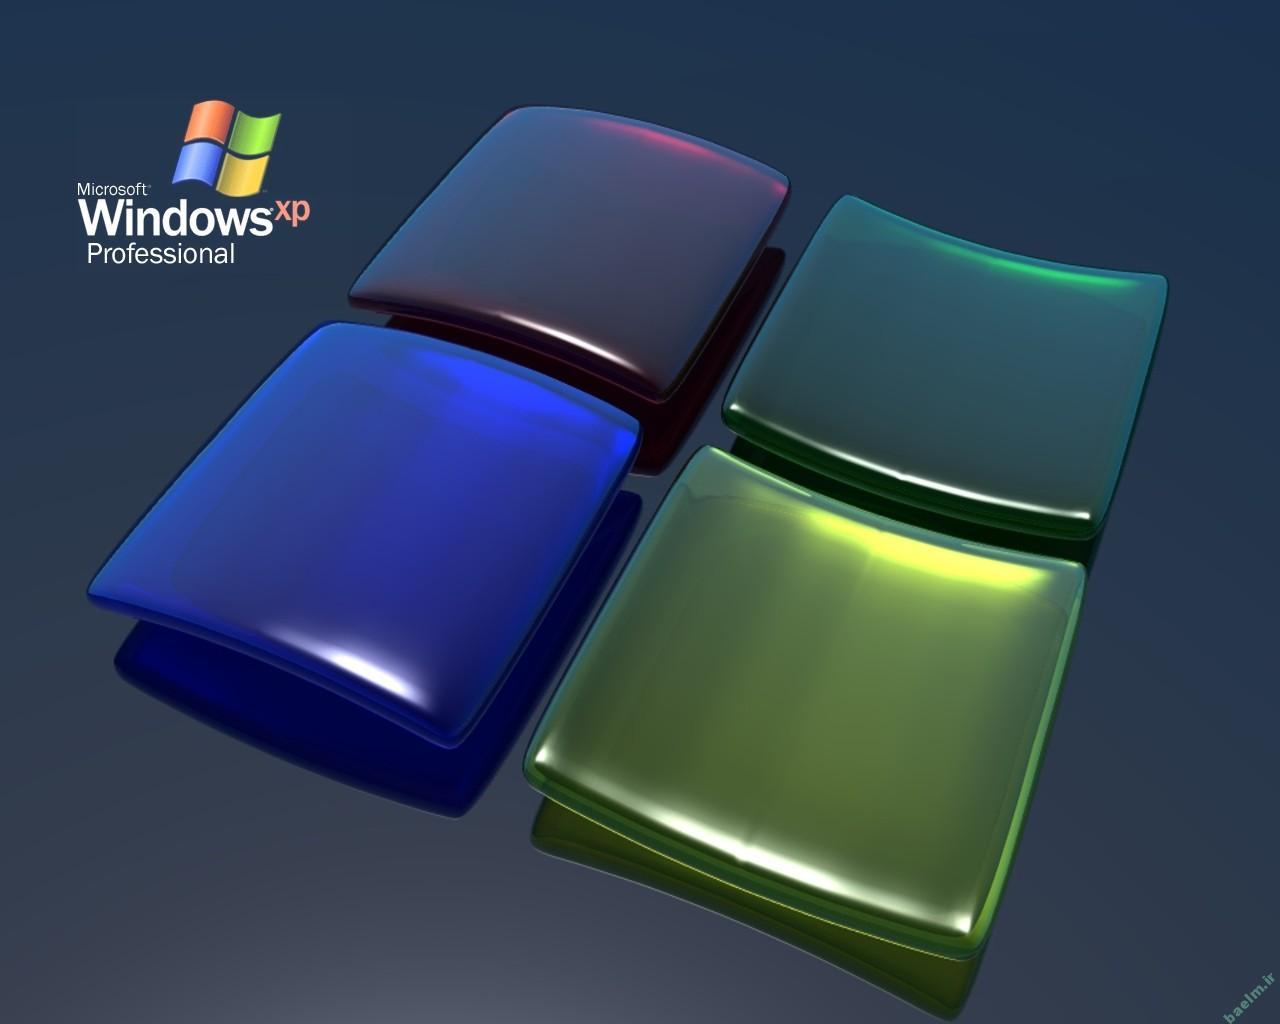 نرم افزار | ترفند تعمیر فایل های خراب شده یا گمشده در ویندوز XP